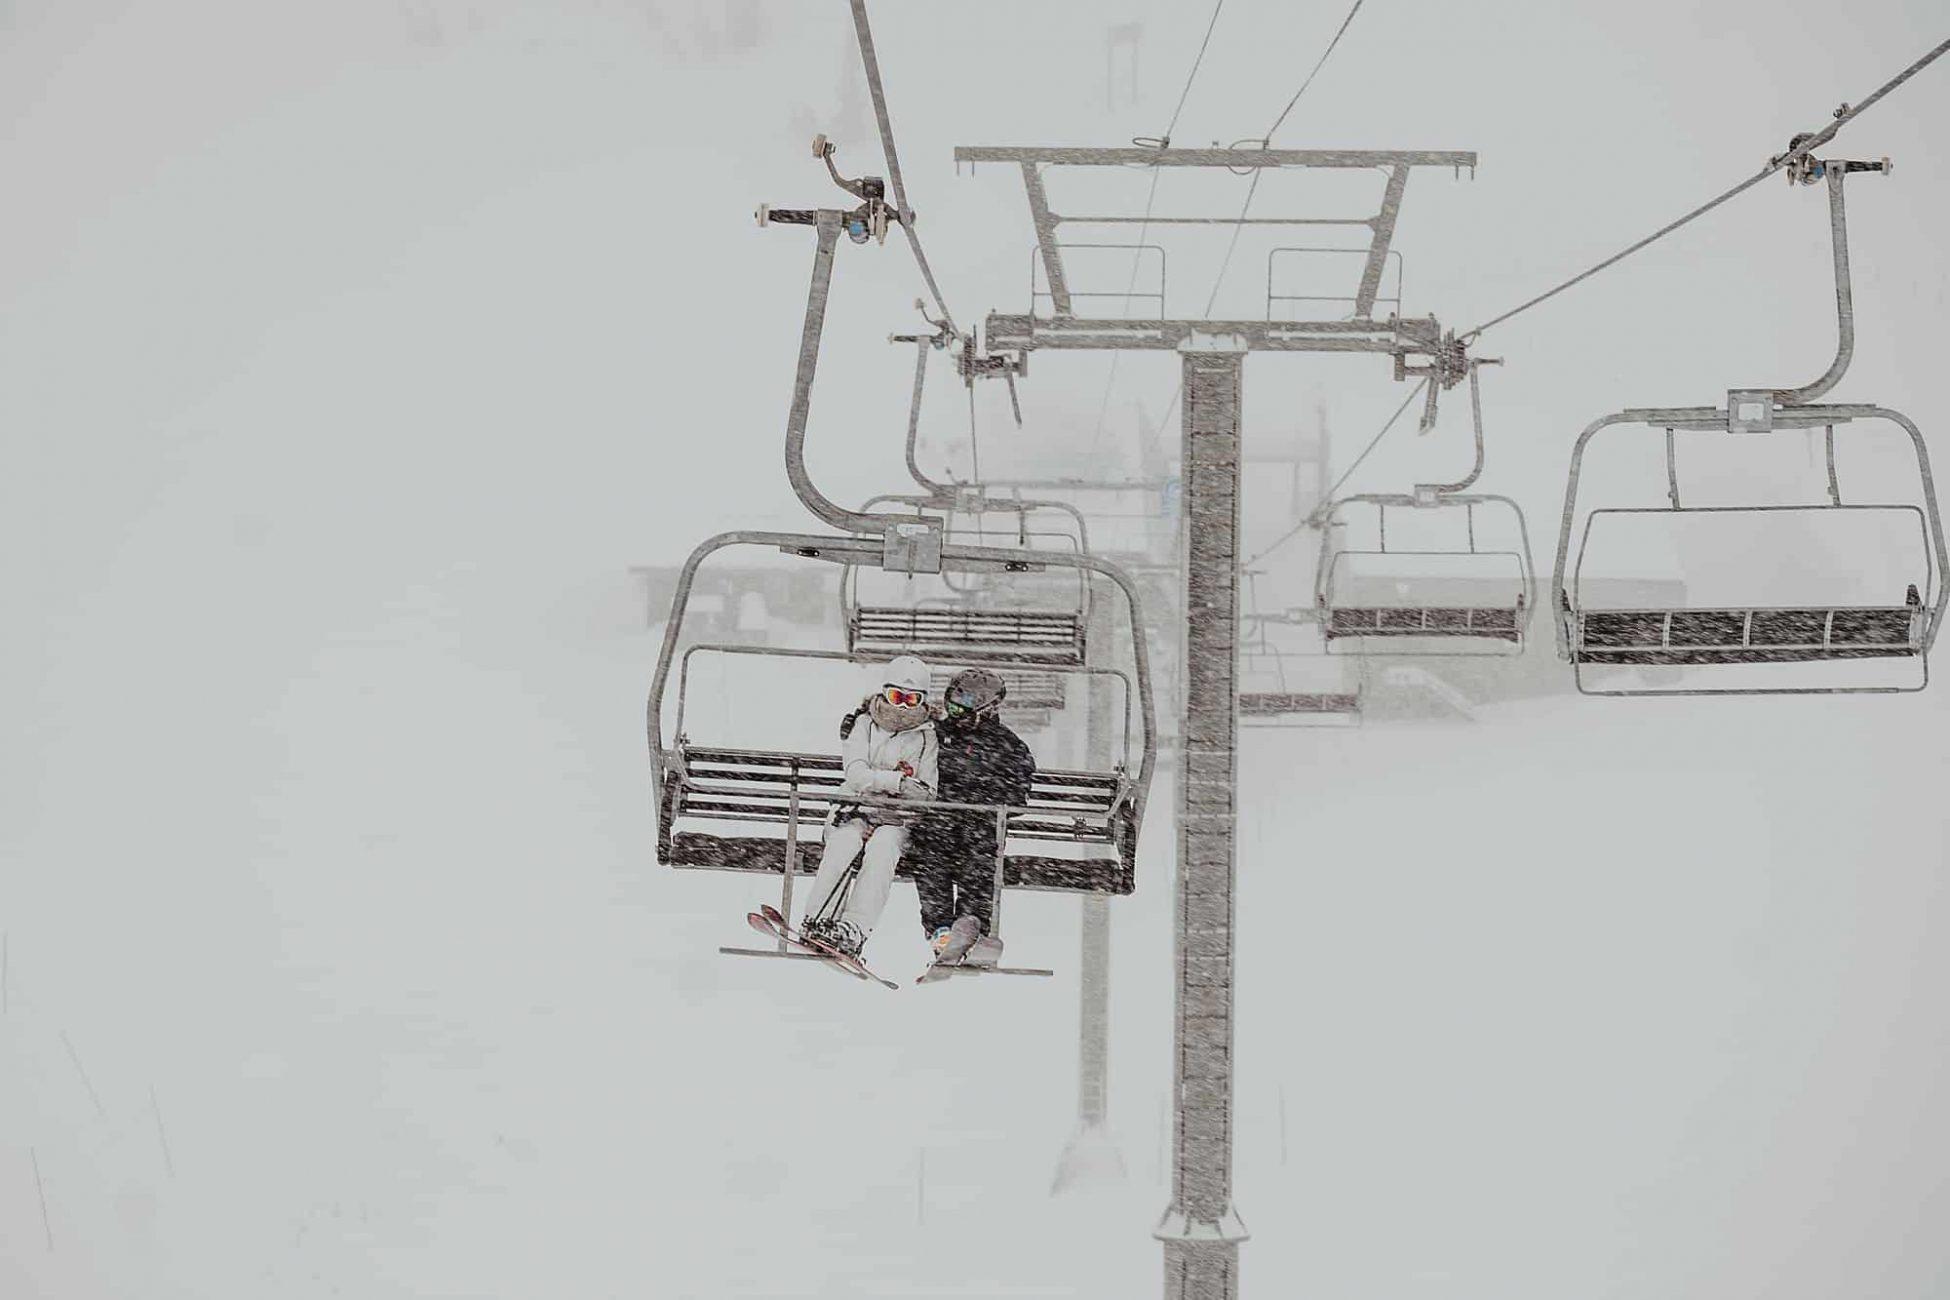 bridge groom chairlift ride whistler skiing wedding